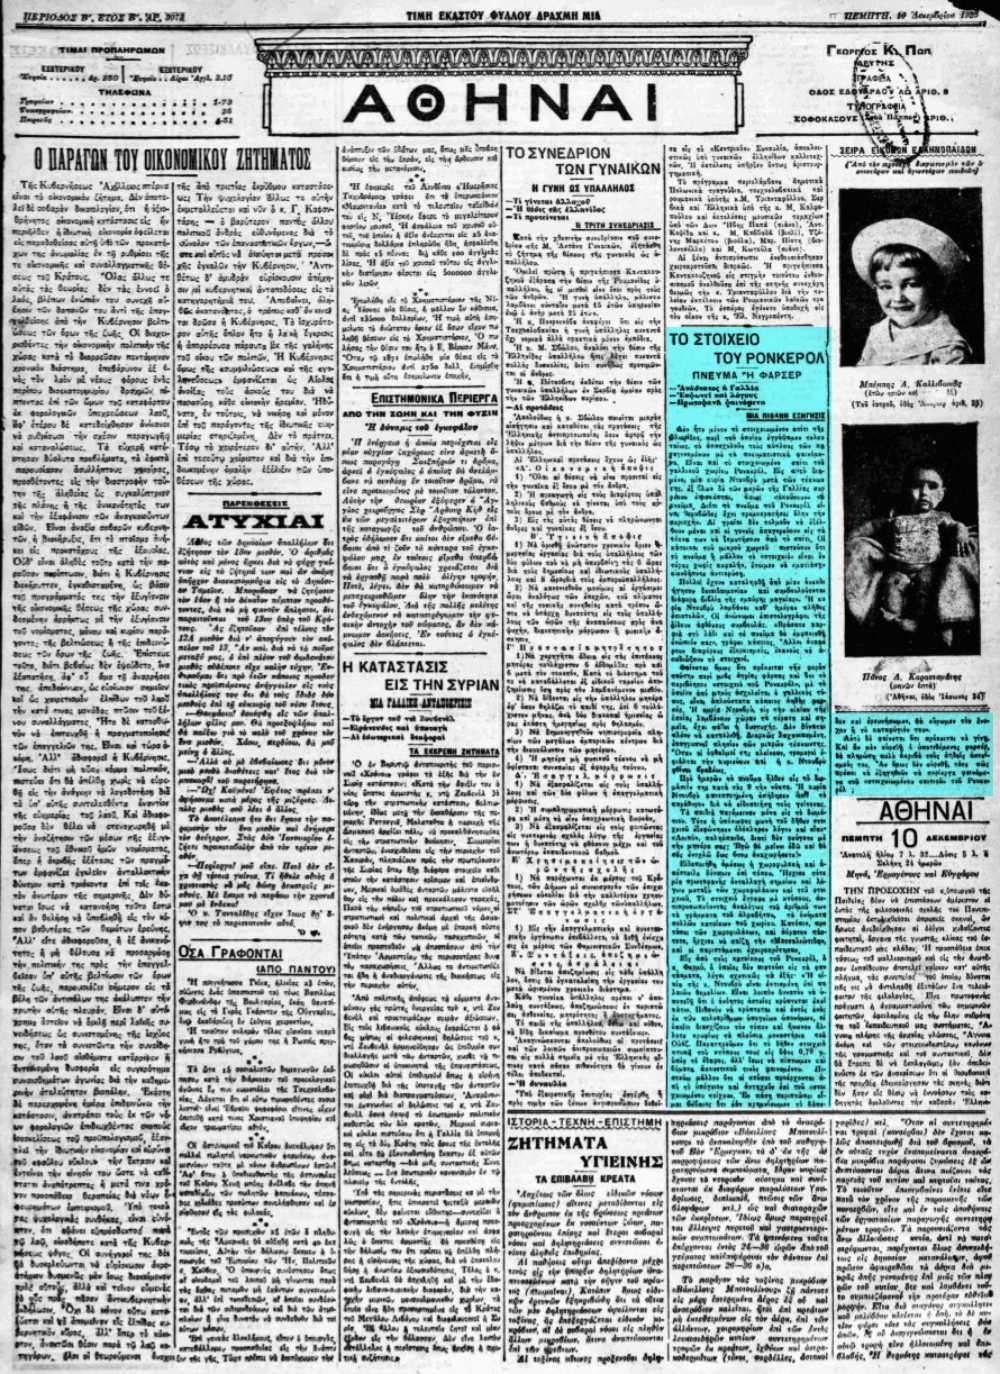 """Το άρθρο, όπως δημοσιεύθηκε στην εφημερίδα """"ΑΘΗΝΑΙ"""", στις 10/12/1925"""